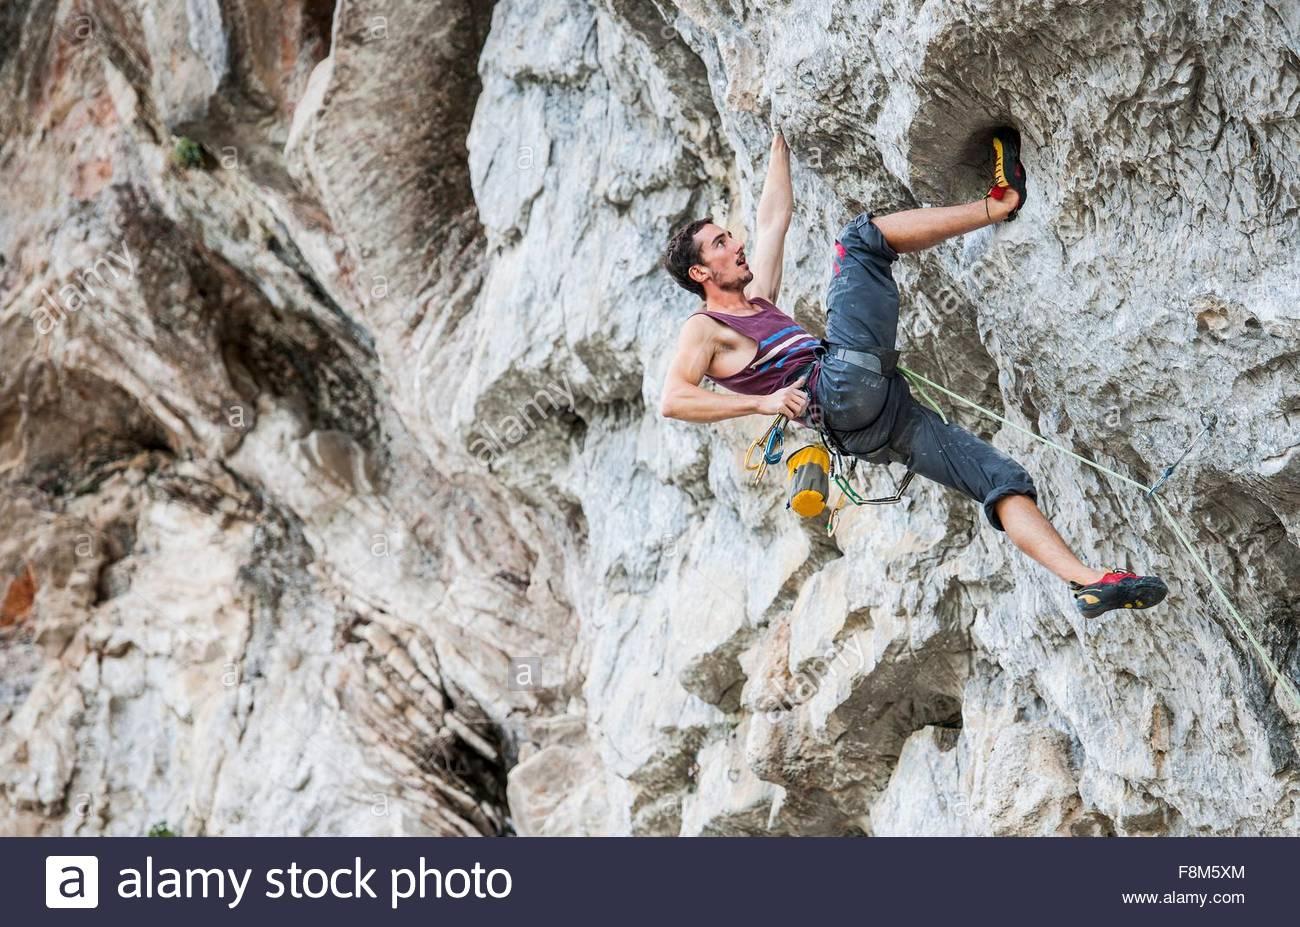 Male climber at Riverside crag in Yangshuo, Guangxi Zhuang, China - Stock Image